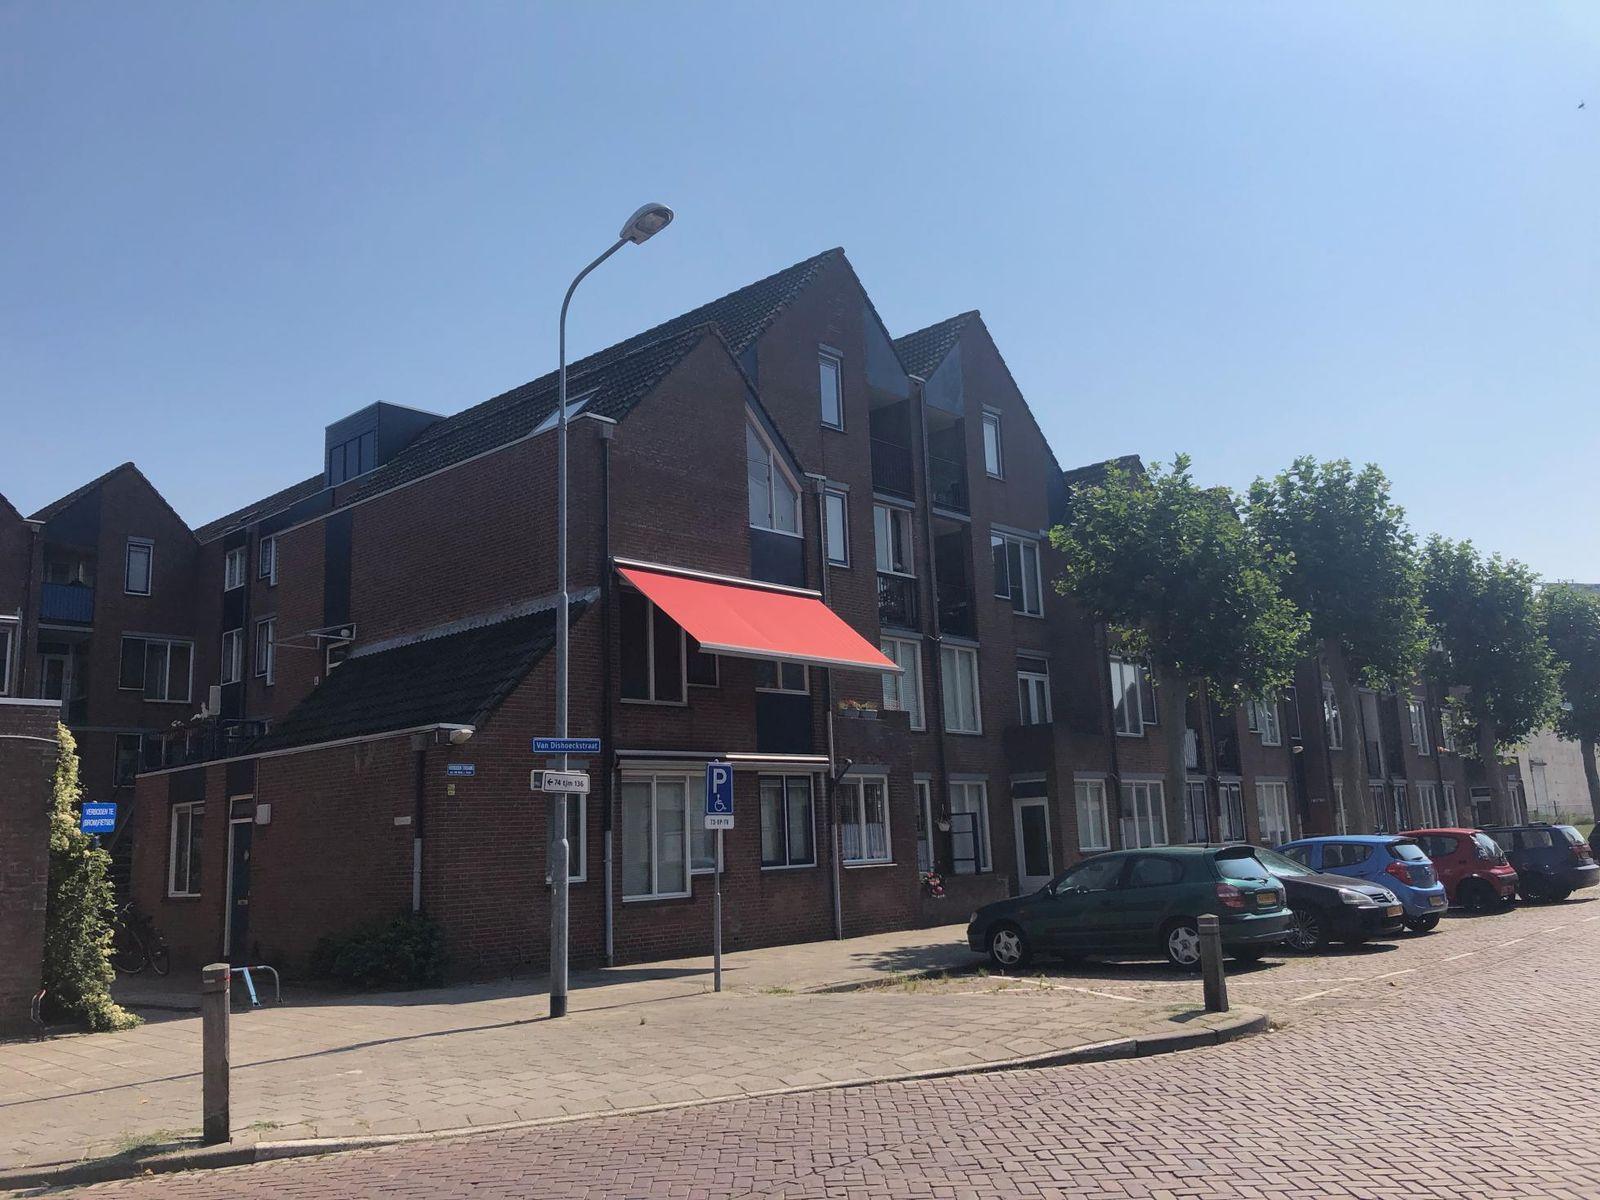 Van Dishoeckstraat, Vlissingen